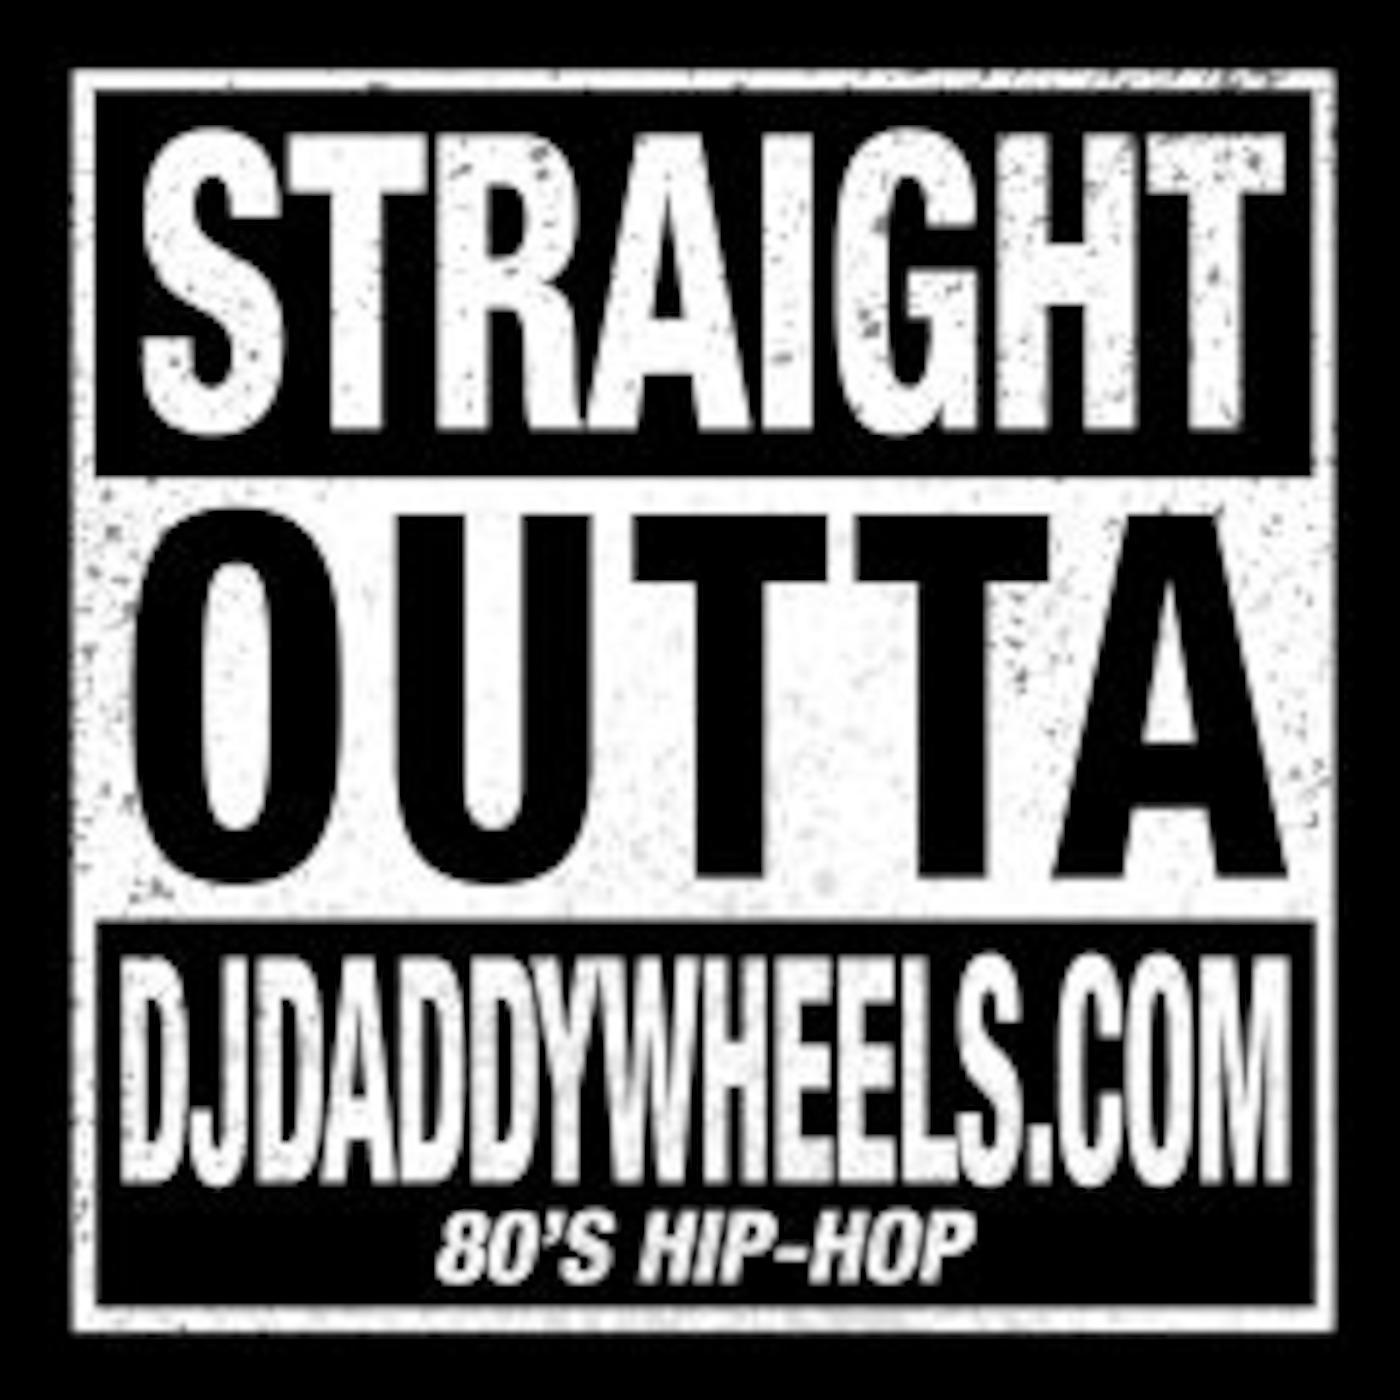 STRAIGHT OUTTA DJ DADDYWHEELS: 80'S HIP-HOP DJ Daddywheels